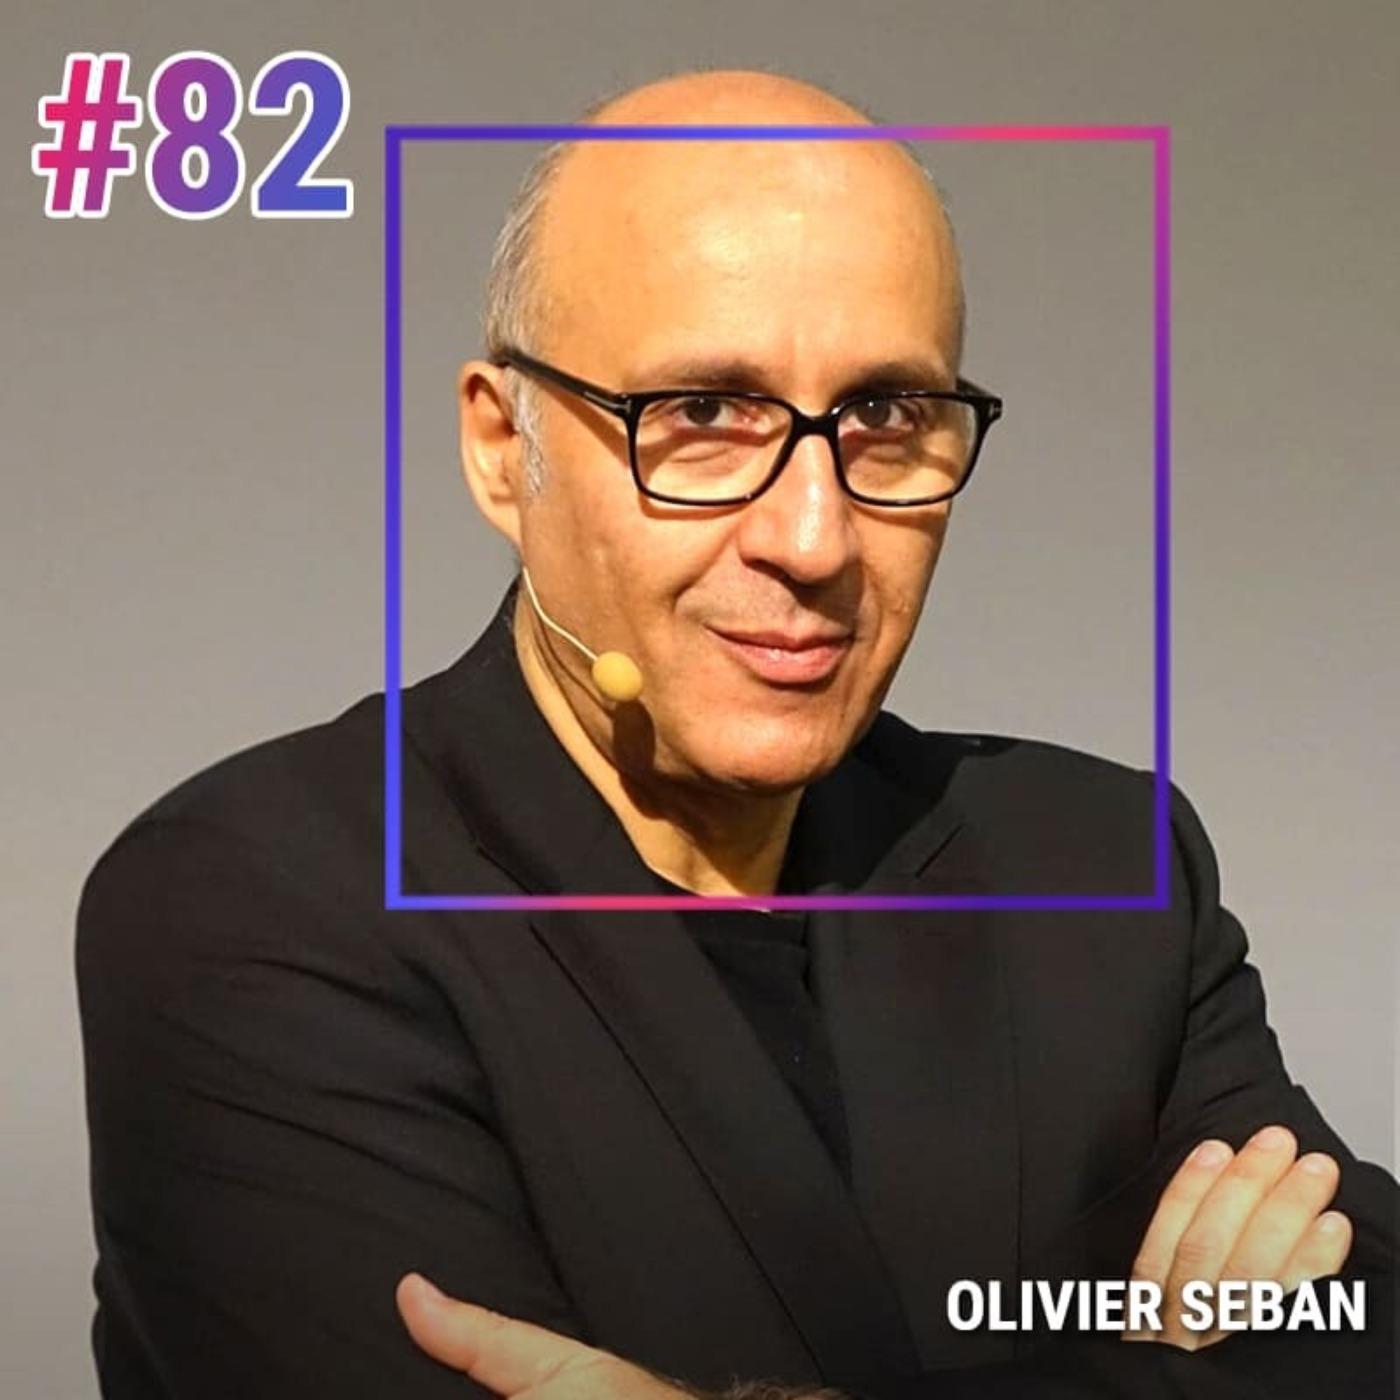 #82 OLIVIER SEBAN: L'ARGENT N'EST QUE LA MATÉRIALISATION DE VOTRE INGÉNIOSITÉ